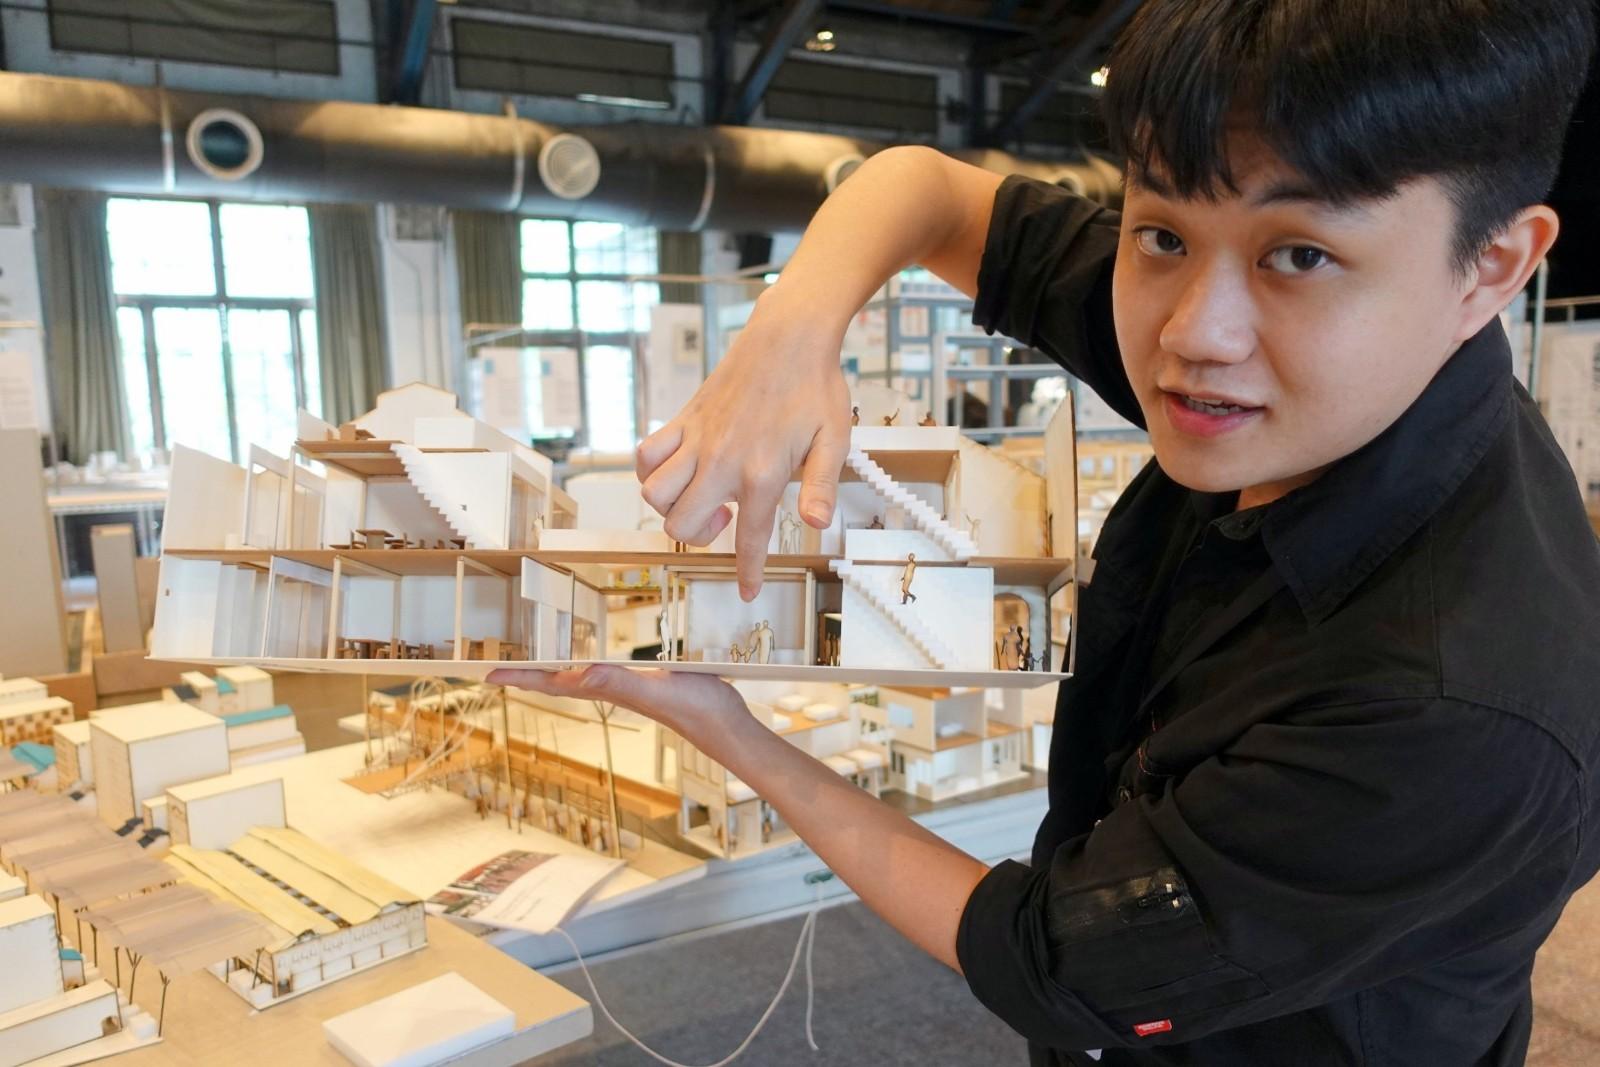 來自馬來西亞的的羅銘凱要讓吉隆坡茨廠街重新賦予老街區新生命.JPG